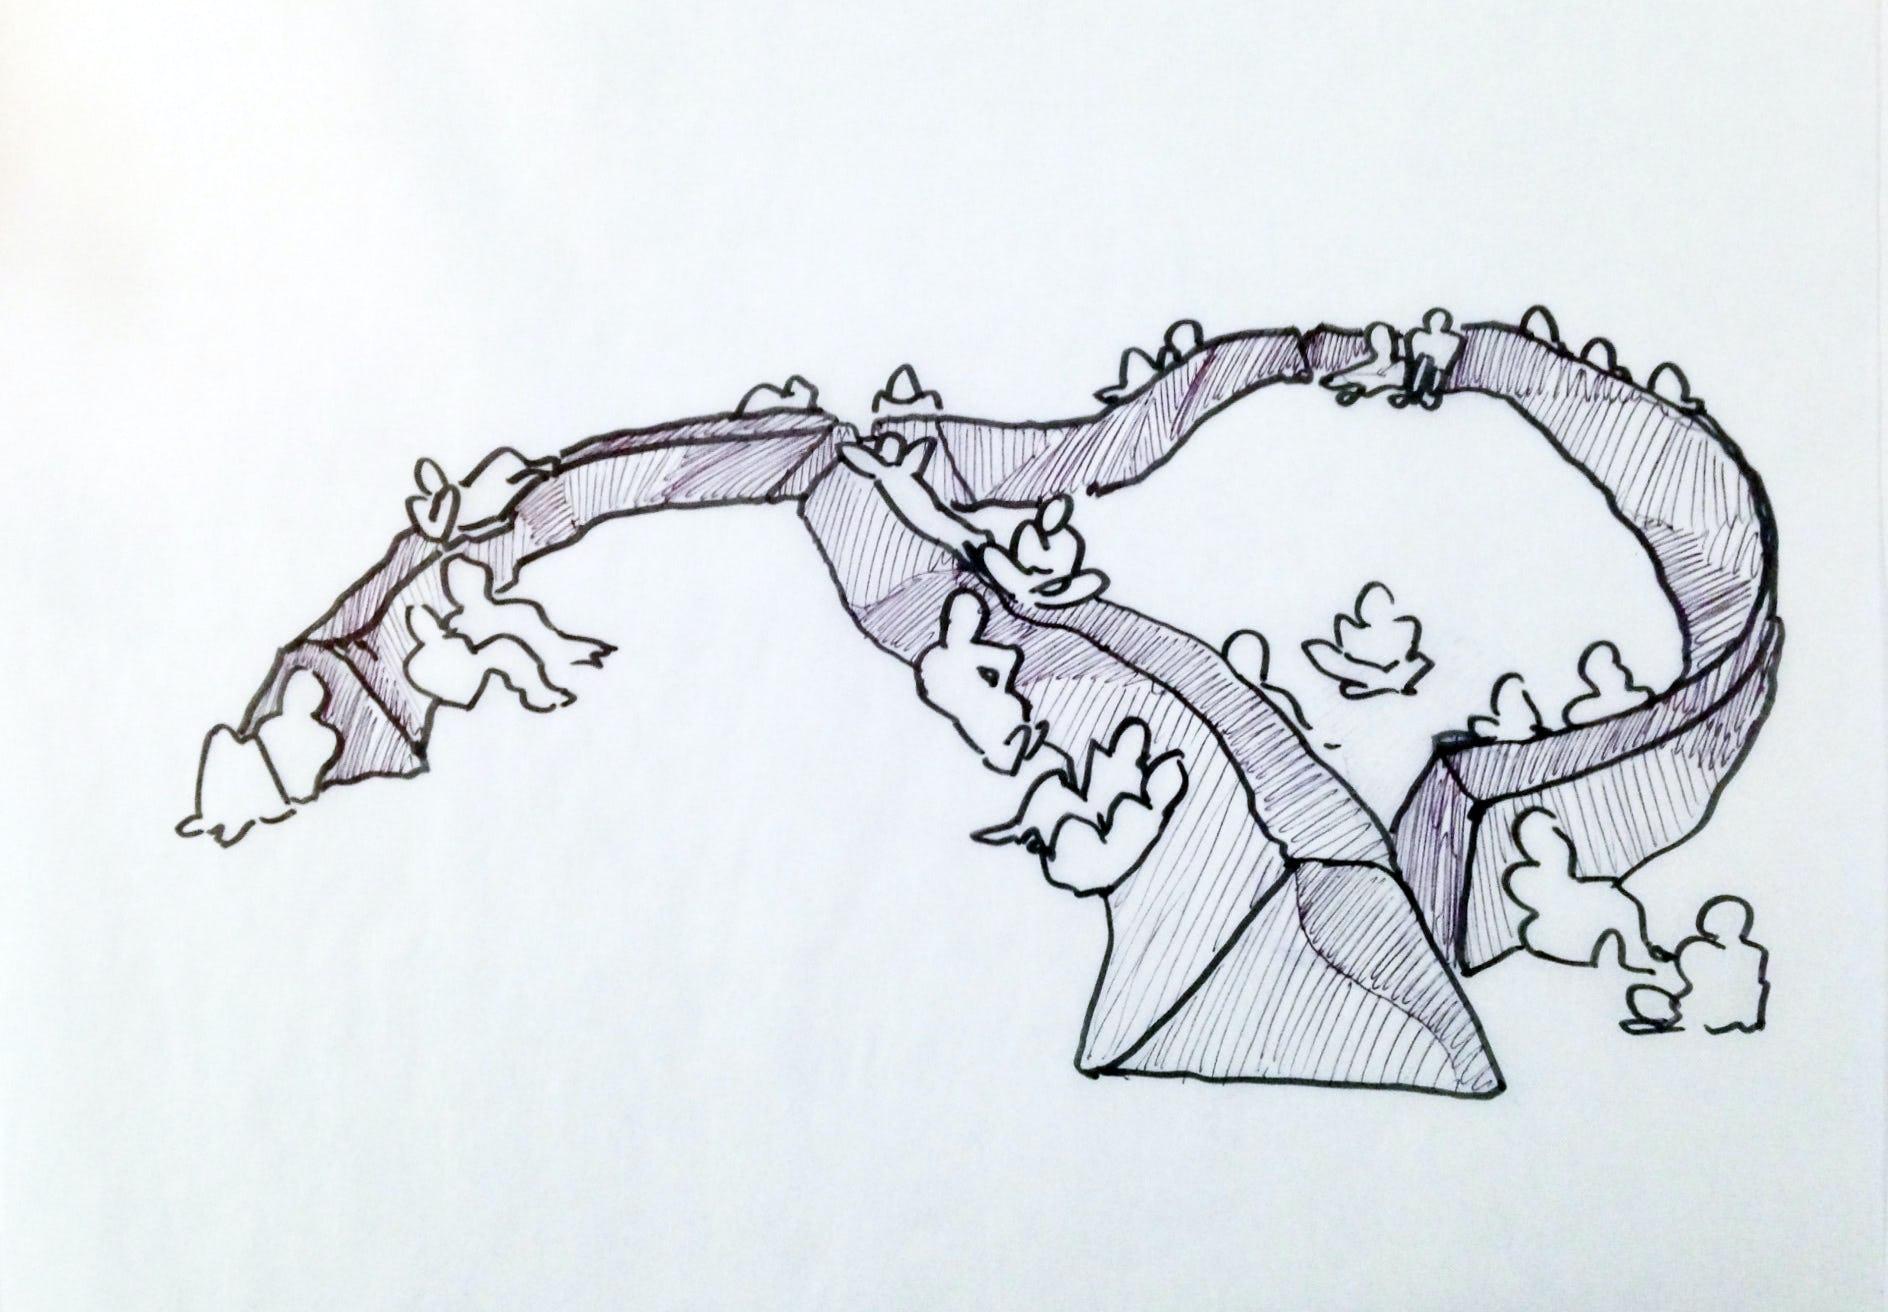 Omca scenario sketch3